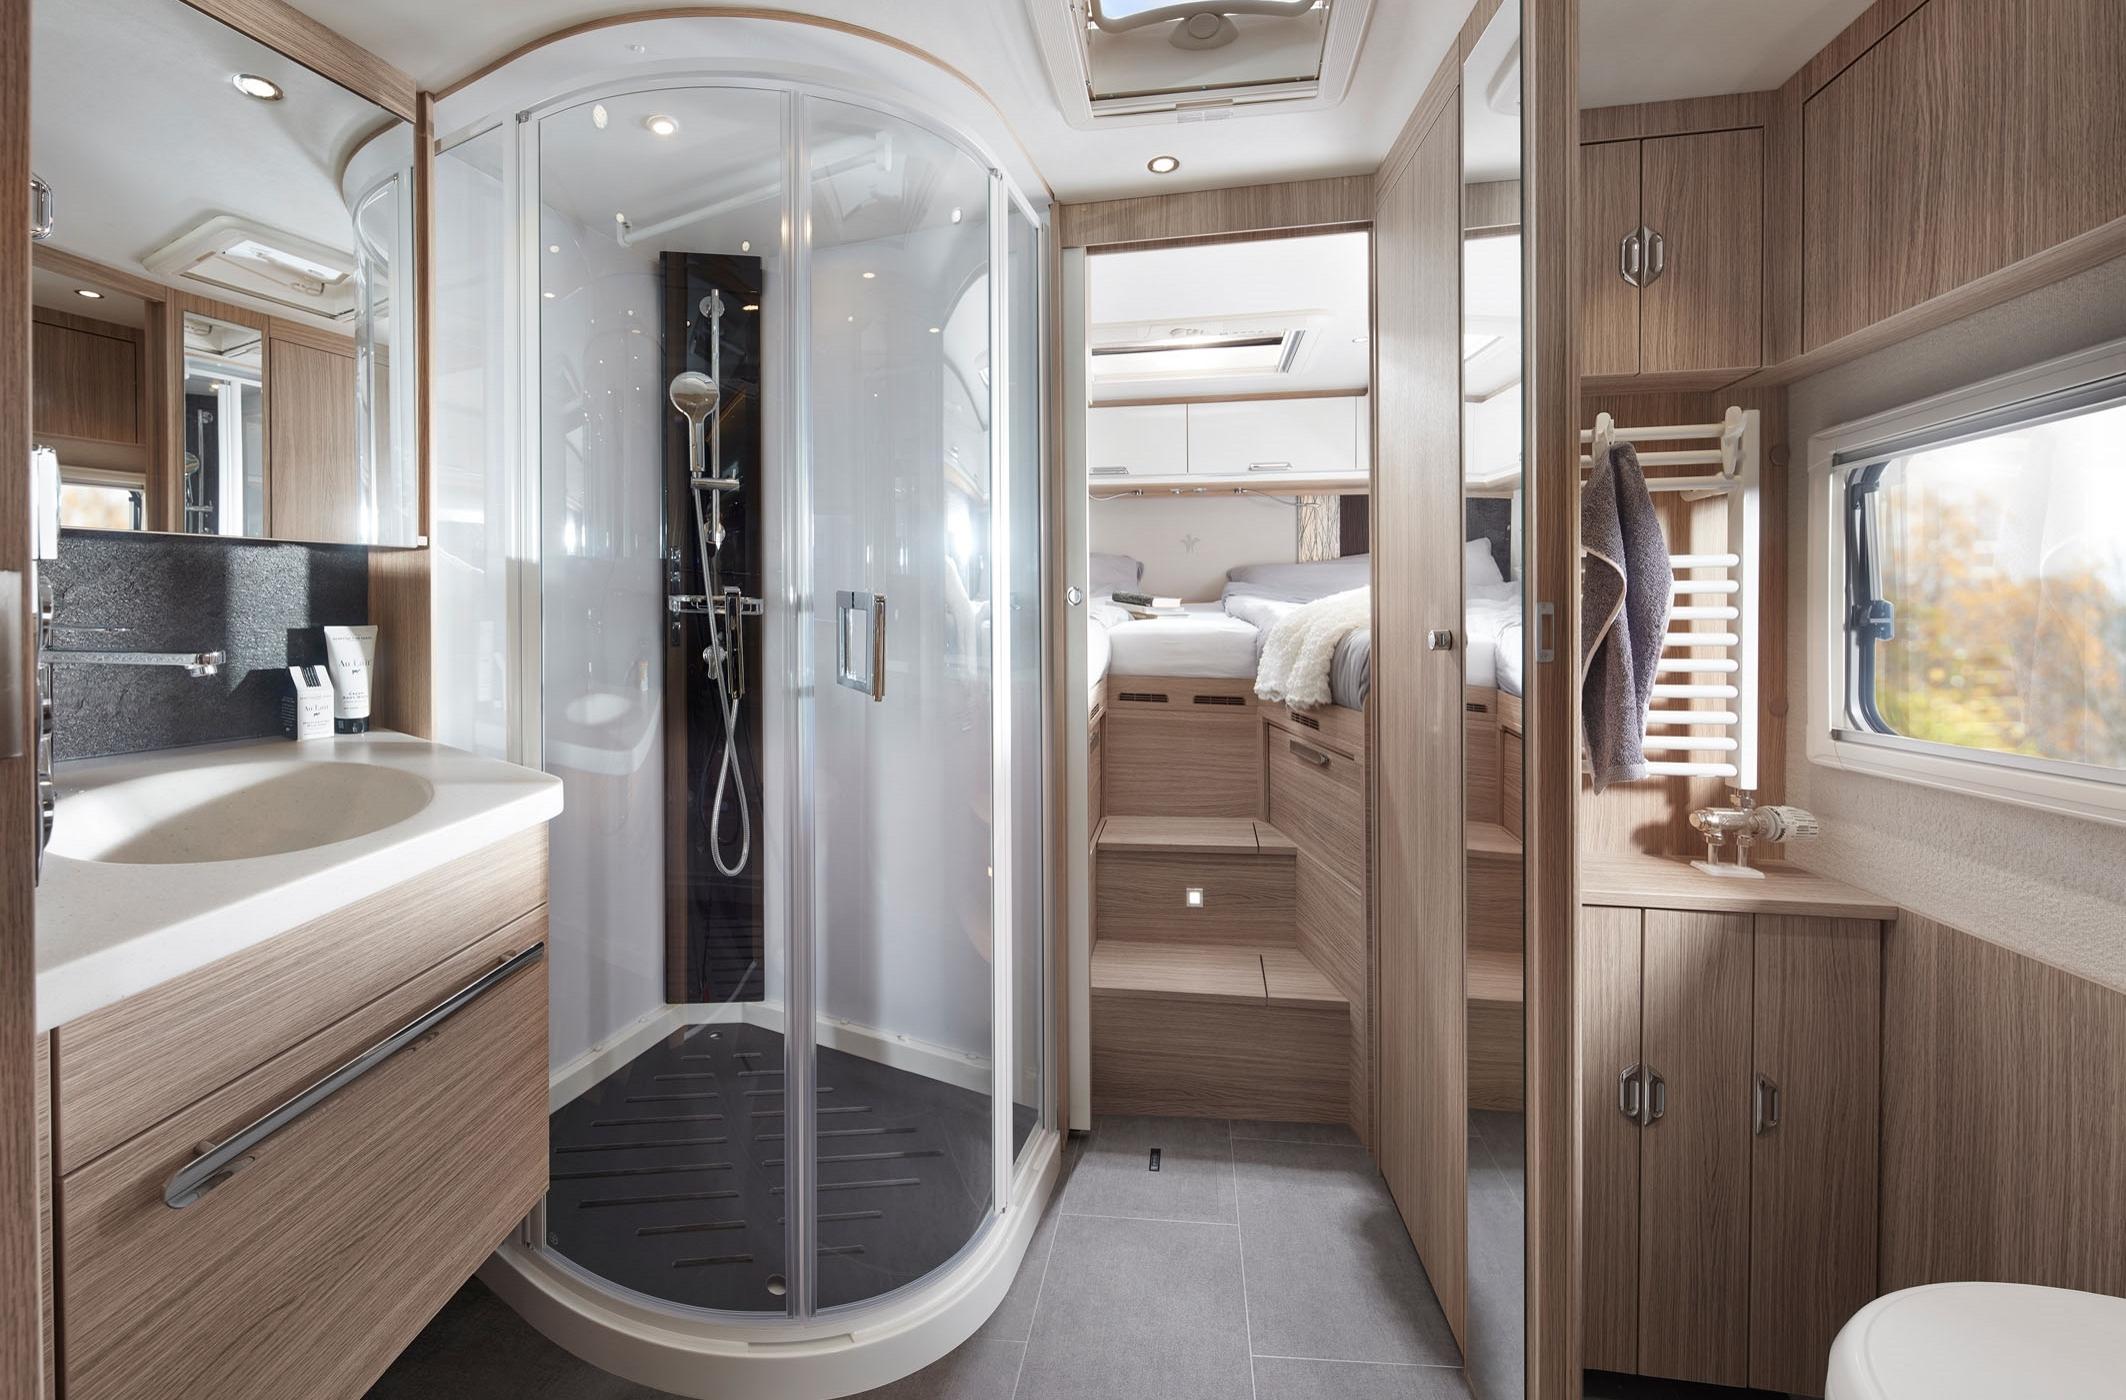 NIESMANN+BISCHOFF - Arto - Arto 88B - Komfort ombord även i lyxbadrummet